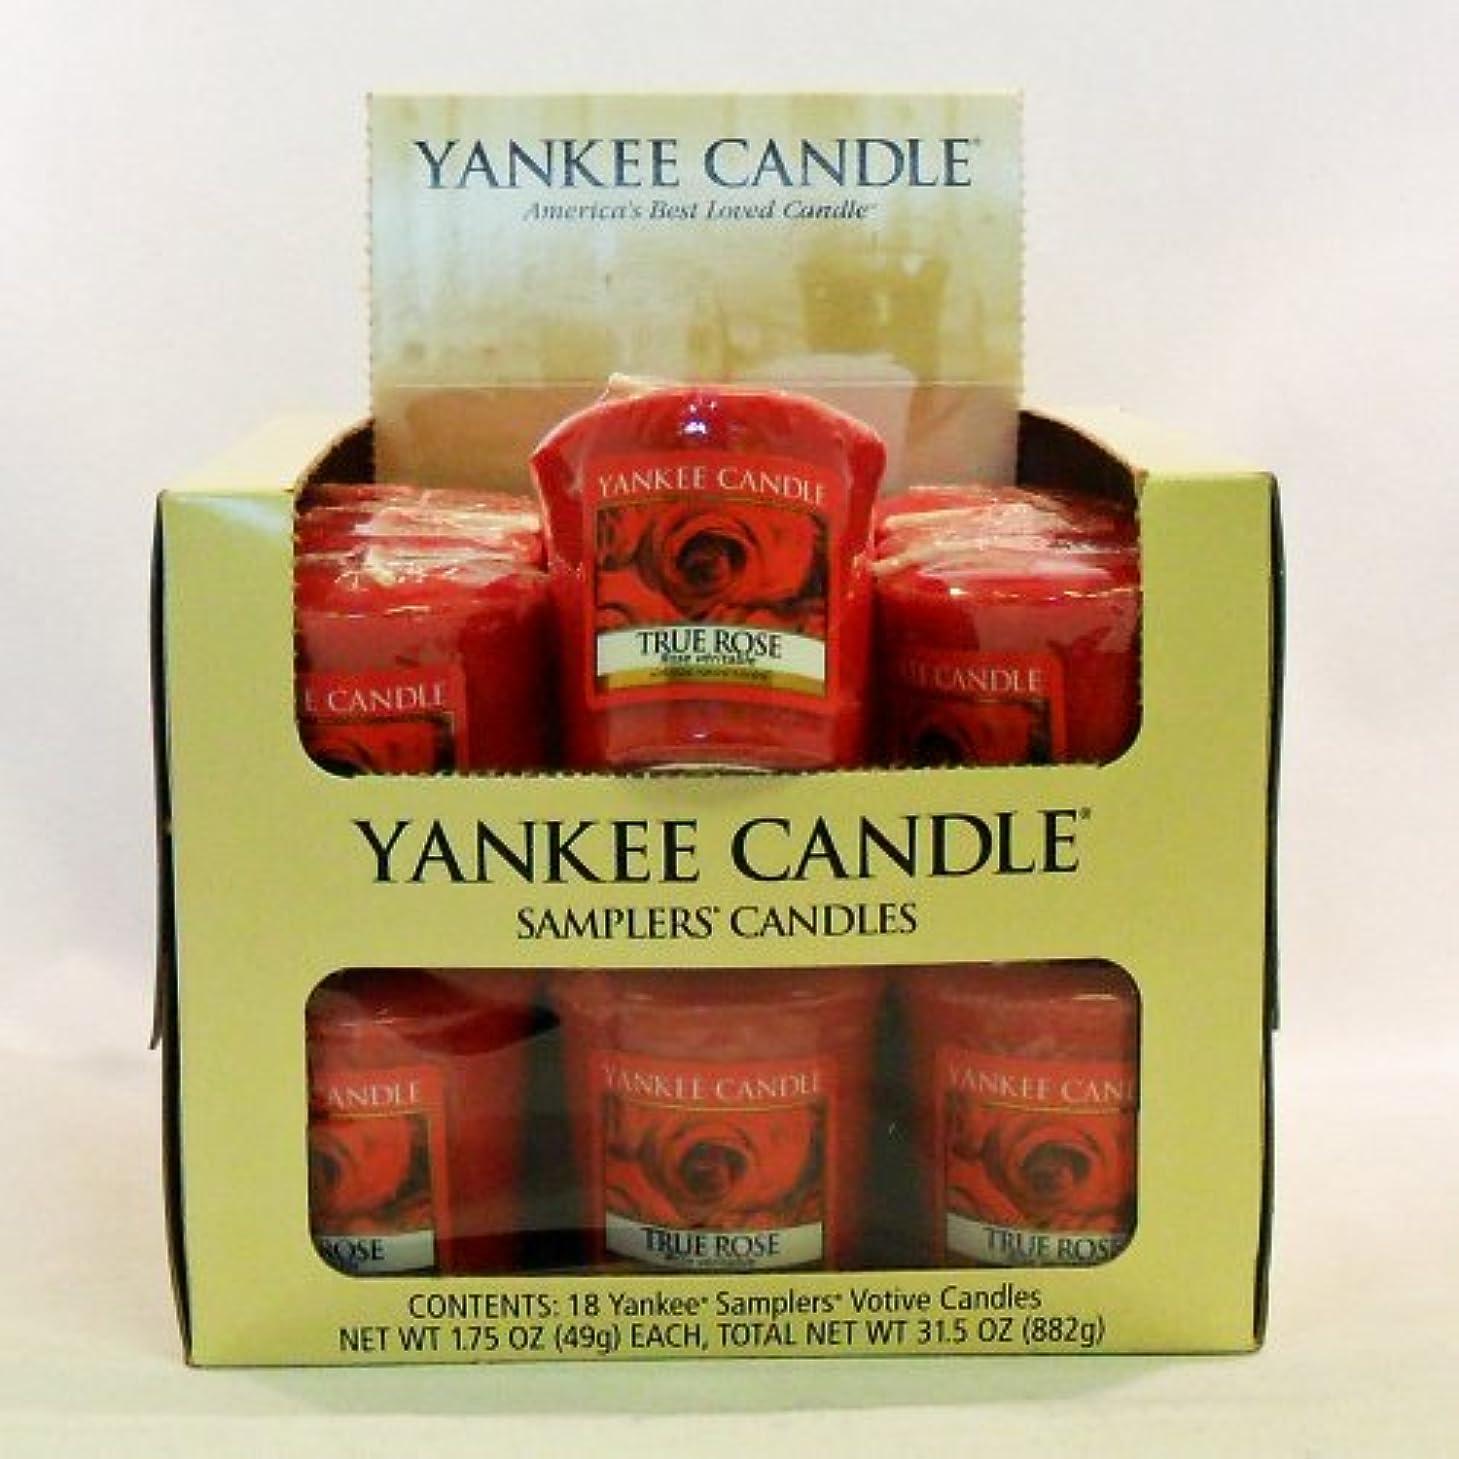 本部ベース松の木Yankee candle-18 X TrueローズVotiveサンプラーキャンドル – 新しい香りfor 2012 。